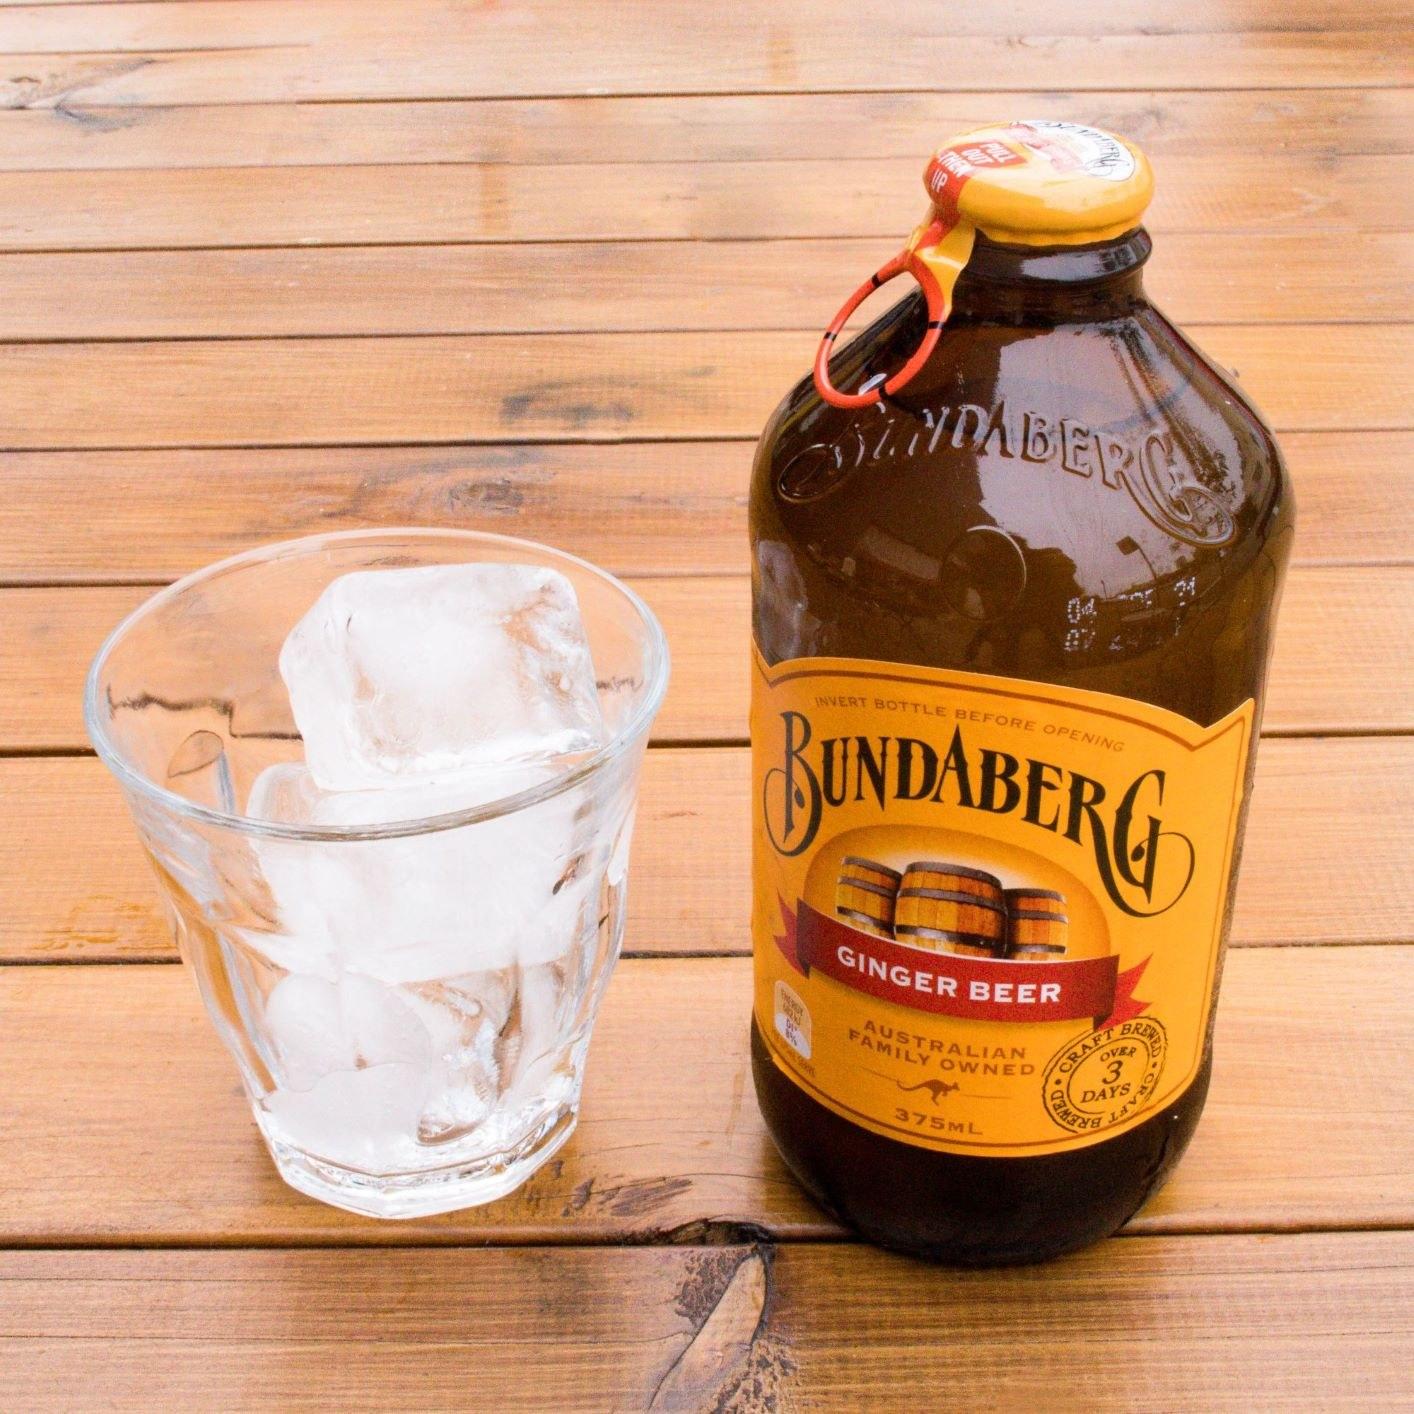 Bundaburg Ginger Beer